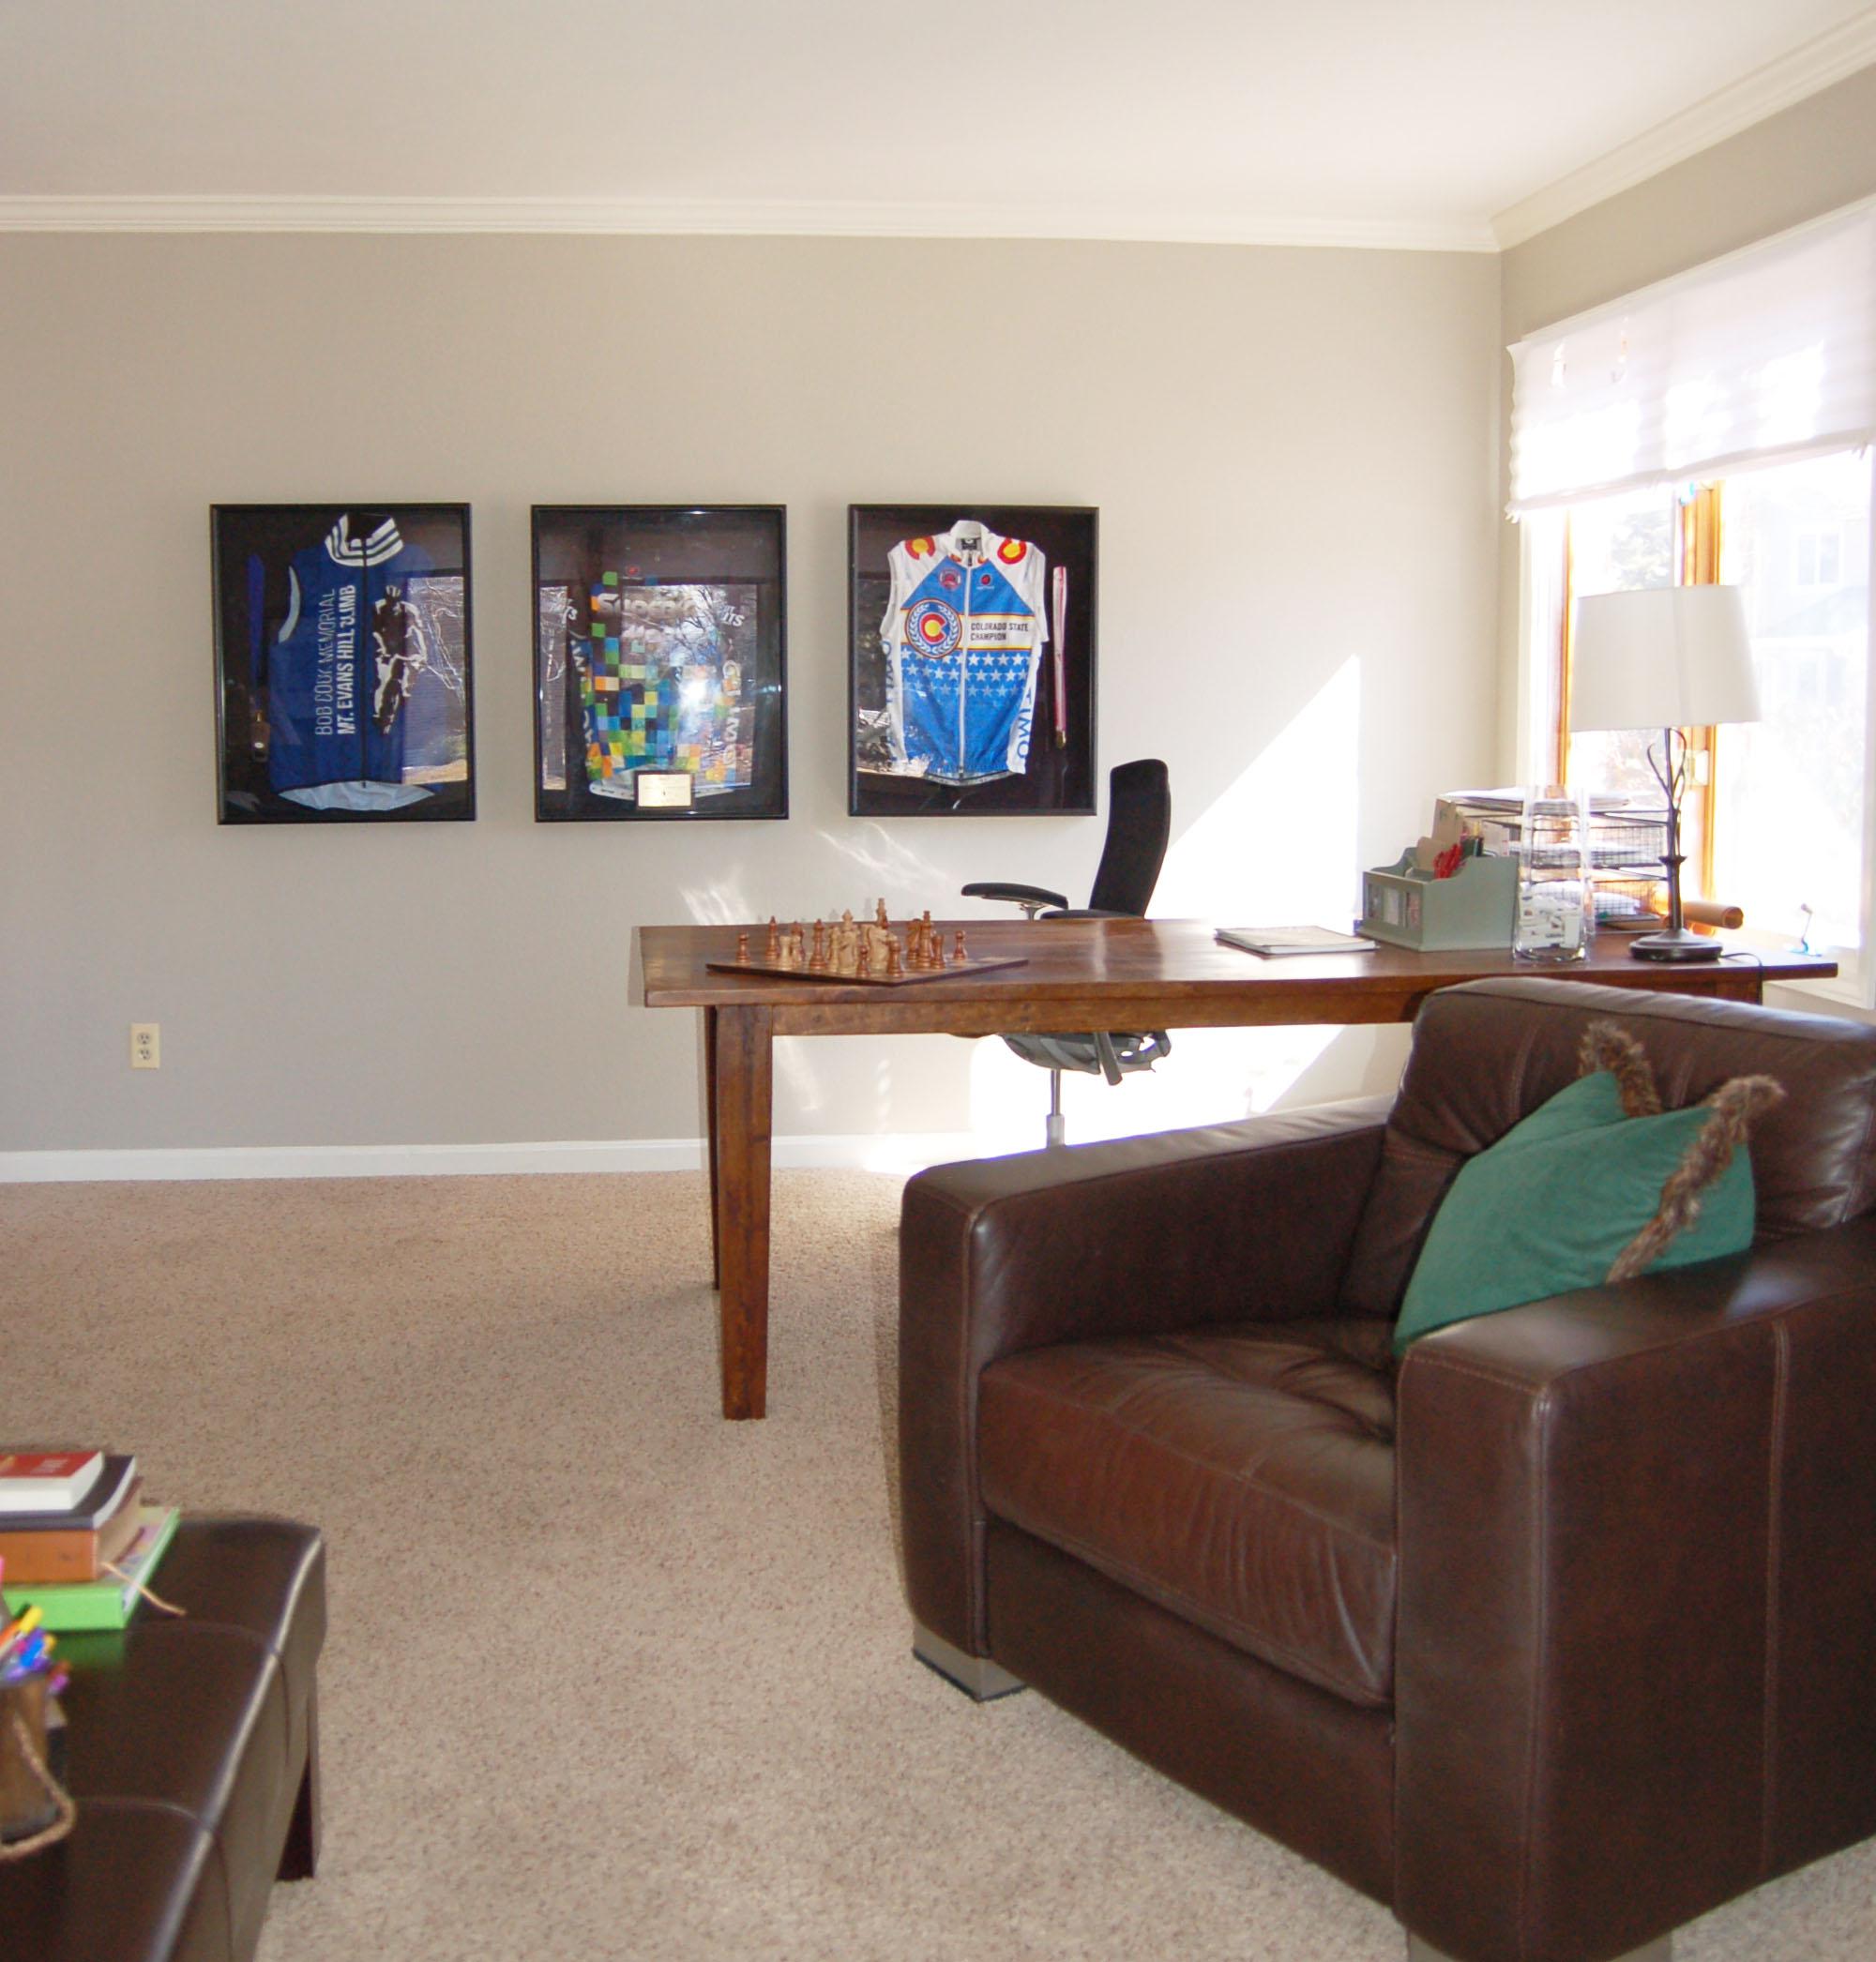 Residential Interior Design: Interior Residential » Interior Design Color Consulting